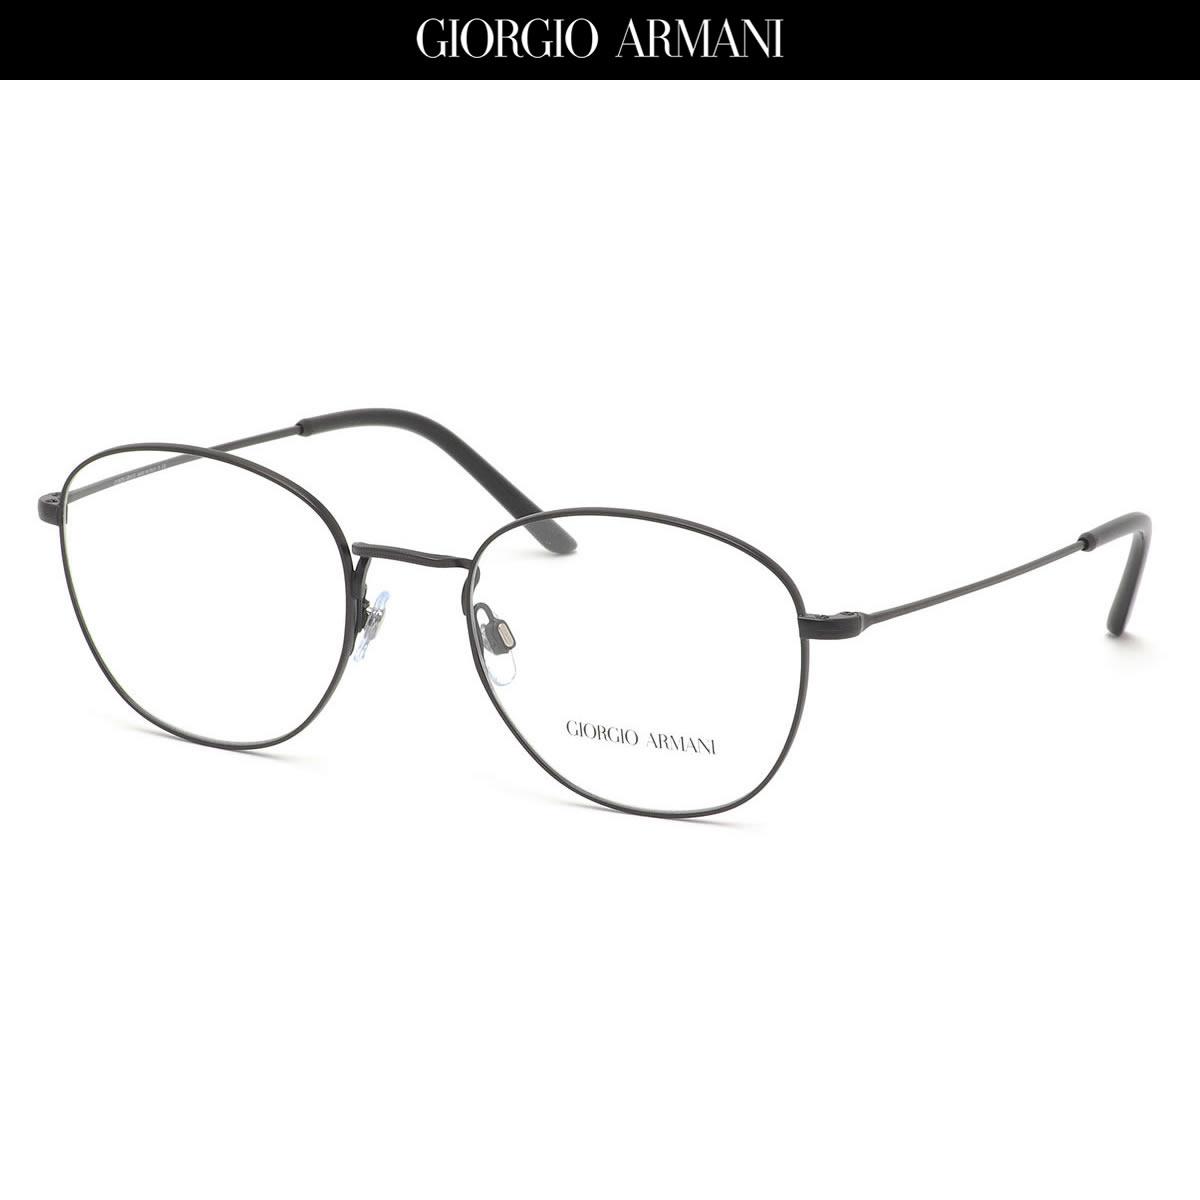 ポイント最大33倍 GIORGIO ARMANI ジョルジオアルマーニ メガネAR5082 3001 52サイズアルマーニ FRAMES OF LIFE クラシック モード ウェリントンジョルジオアルマーニGIORGIOARMANI メンズ レディース